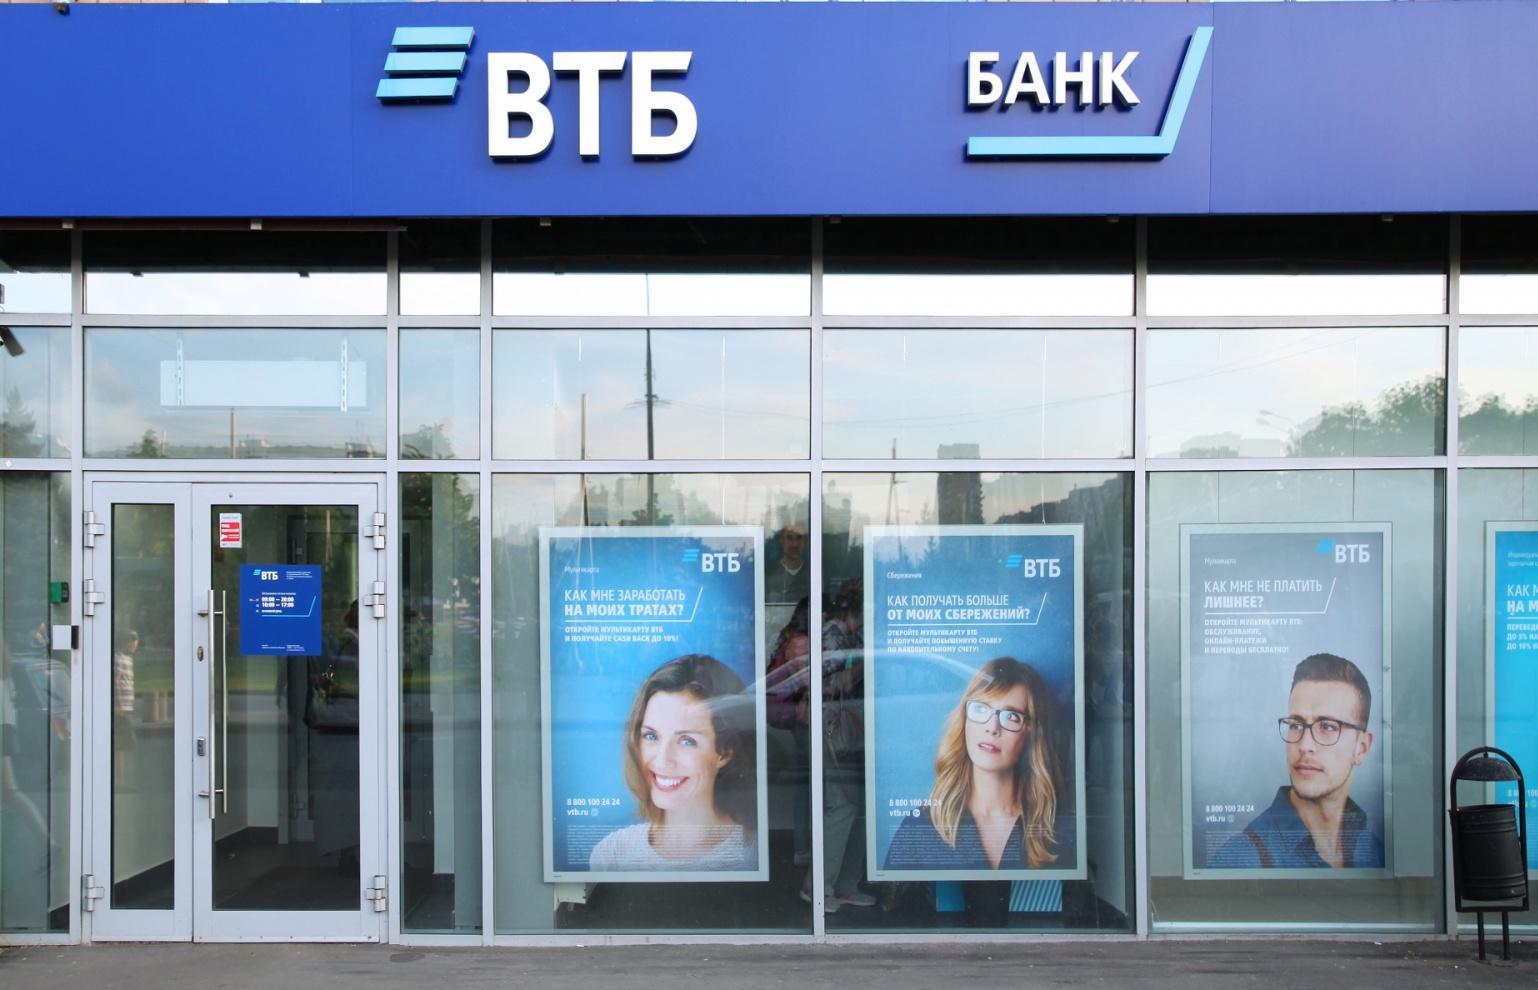 ВТБ начал прием заявок по госпрограмме для бизнеса ФОТ 3.0 - новости Афанасий